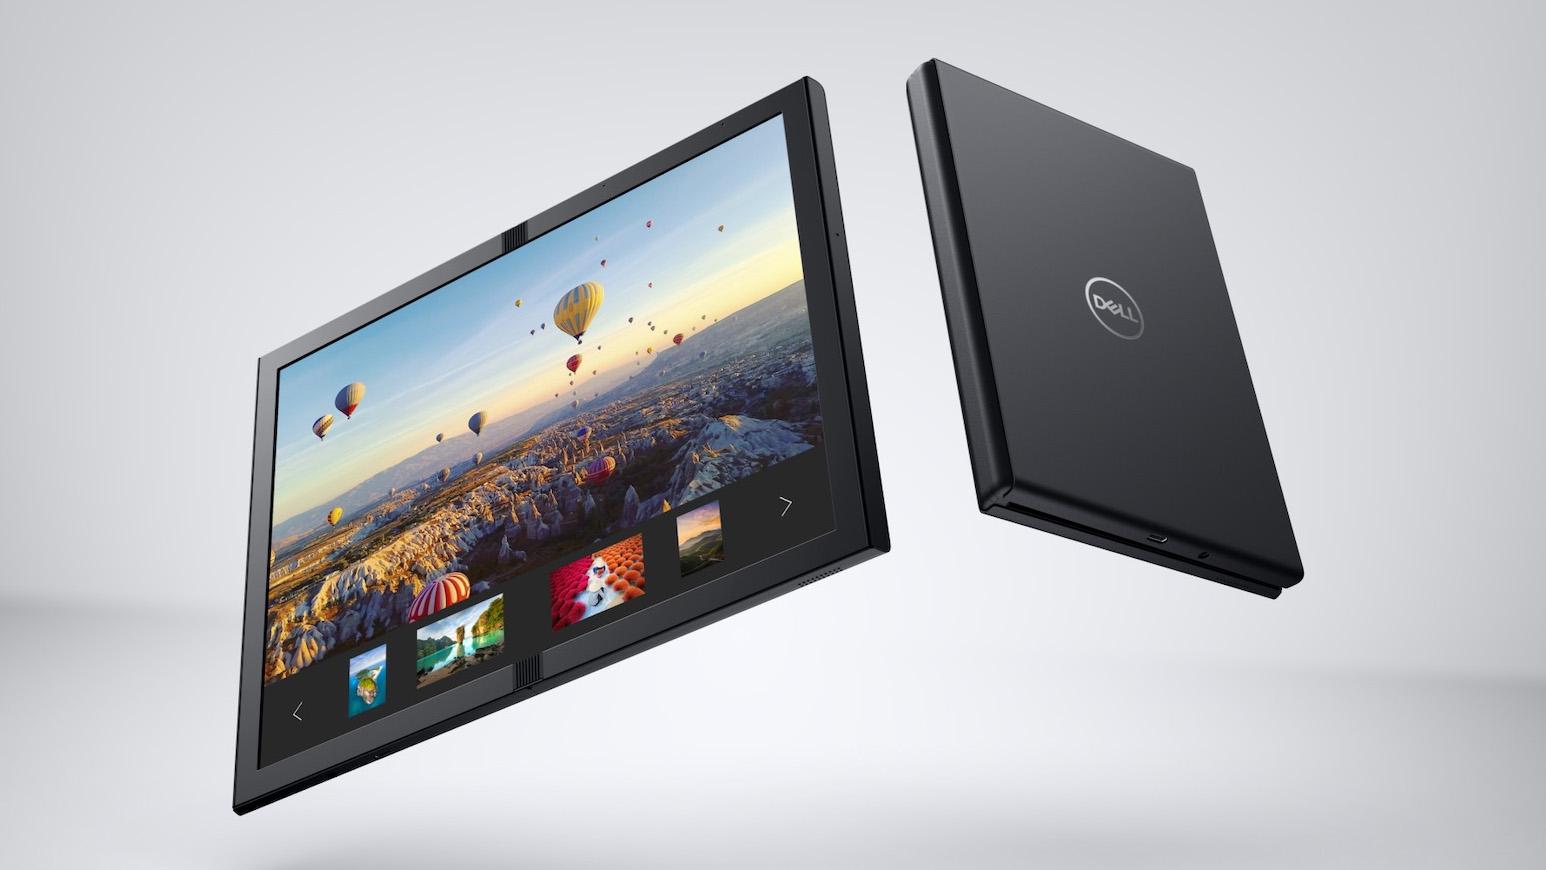 Новинки Dell и Alienware на CES 2020: коротко о главных анонсах - 7